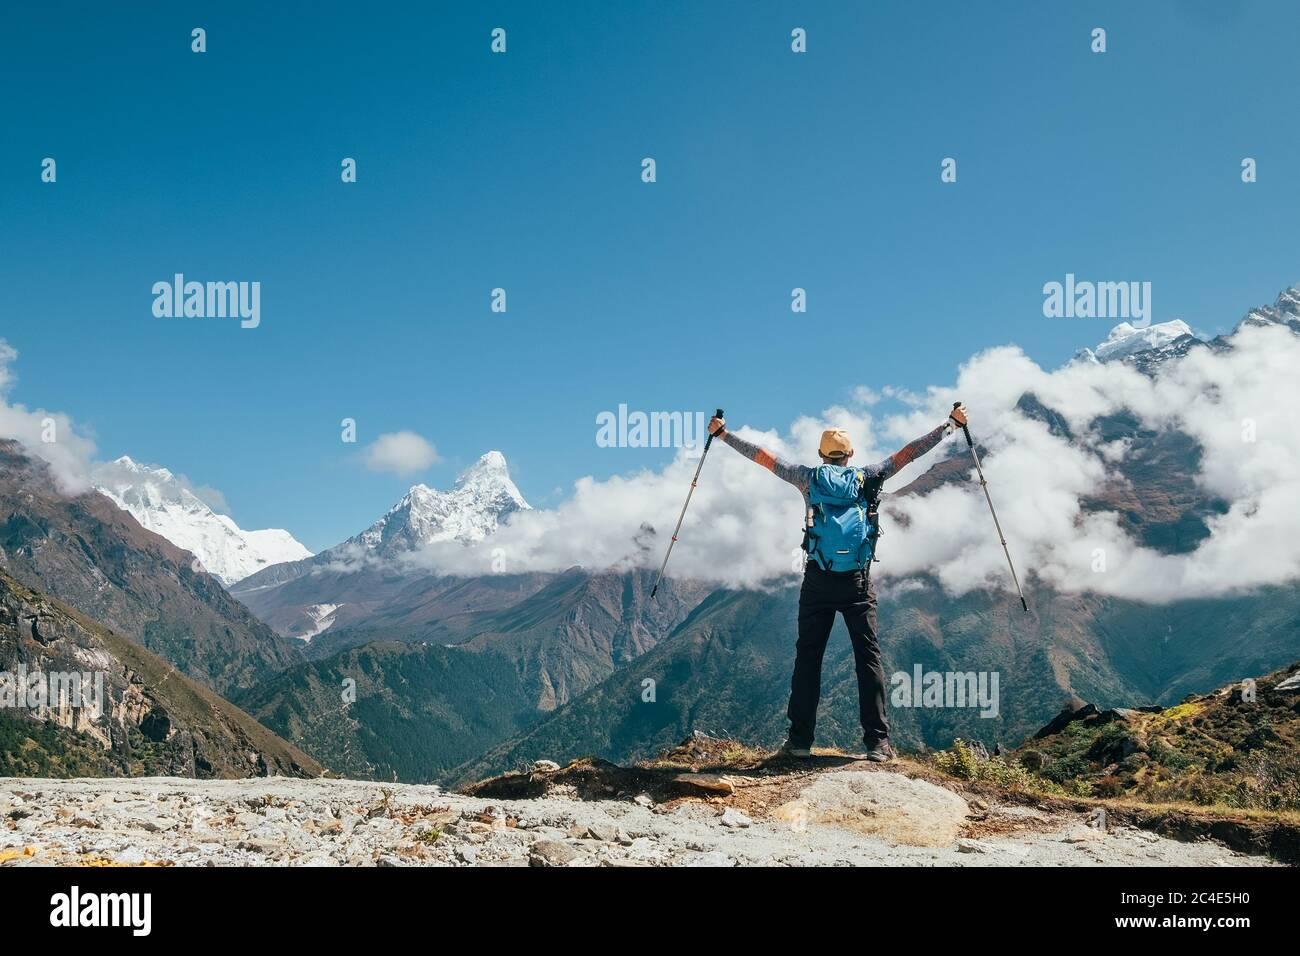 Imagen del concepto de vacaciones activas. Joven excursionista mochilero hombre elevándose brazos con bastones de trekking disfrutando de la montaña Thamserku 6608m durante la altitud Foto de stock